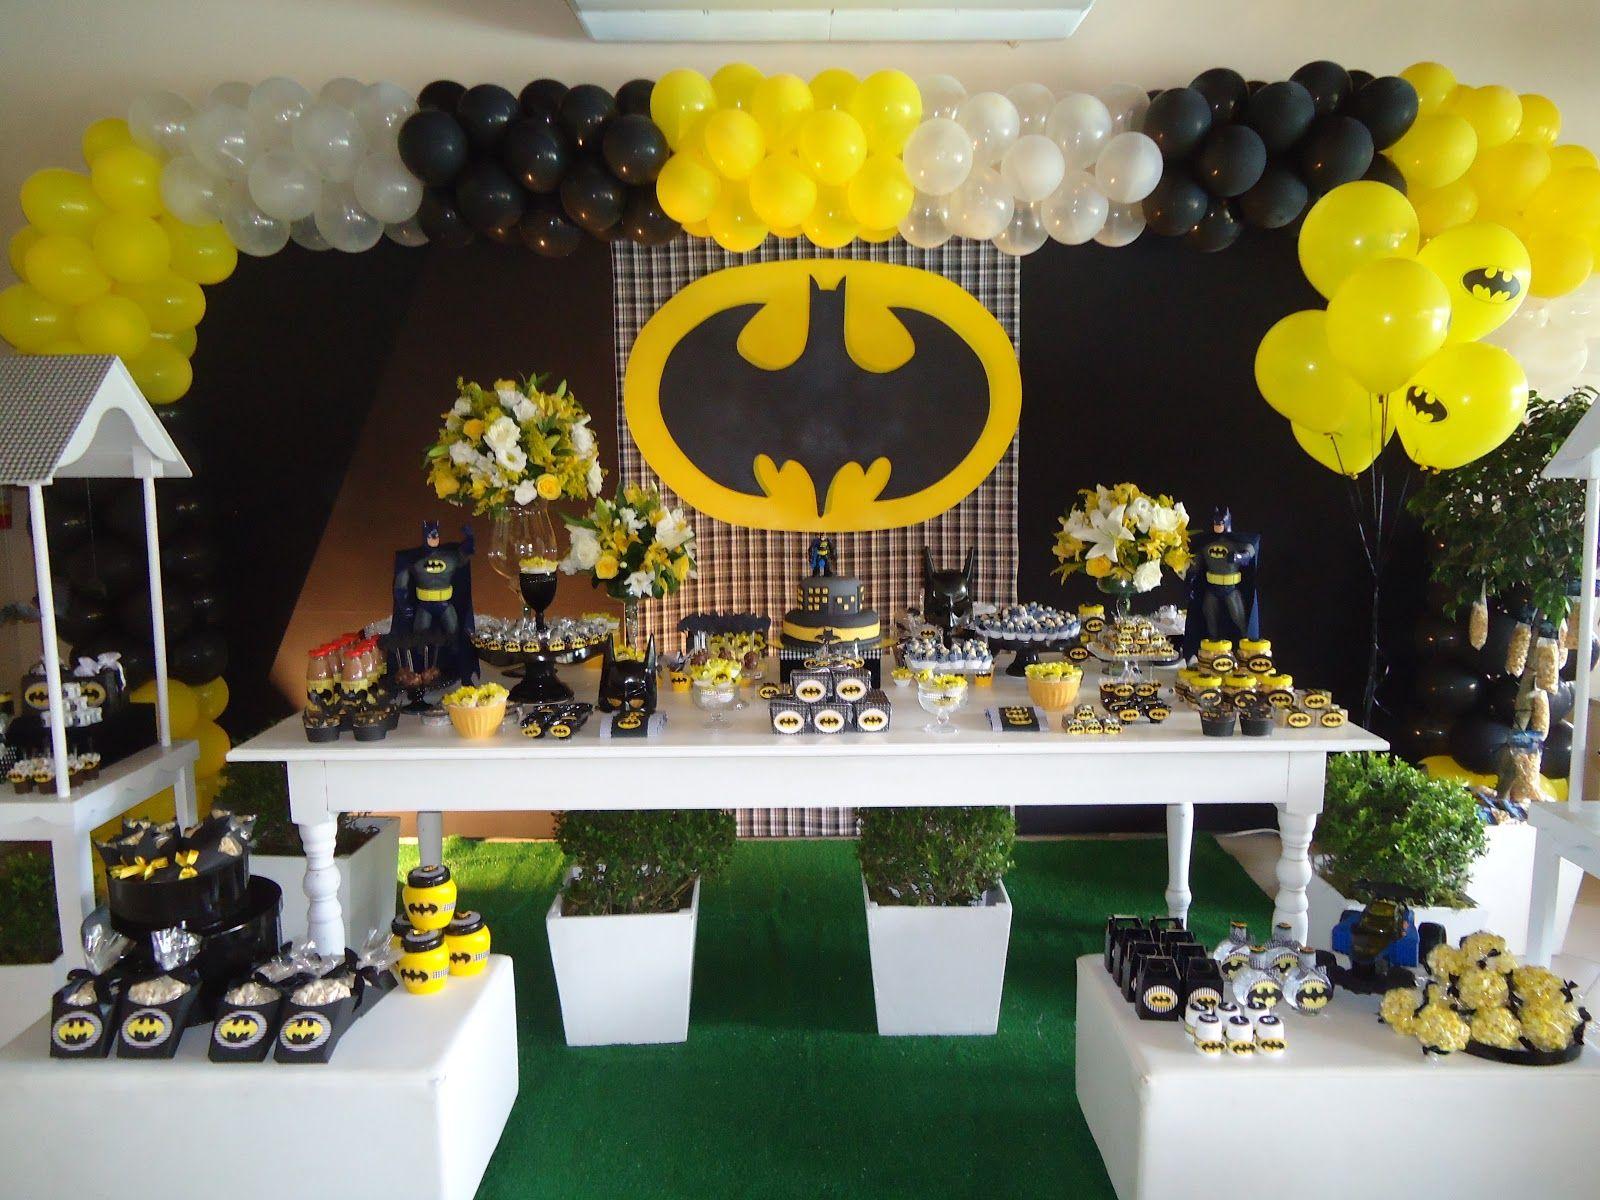 L Apparato Aniversario Batman 4 Anos Lego Batman En 2019 Baby